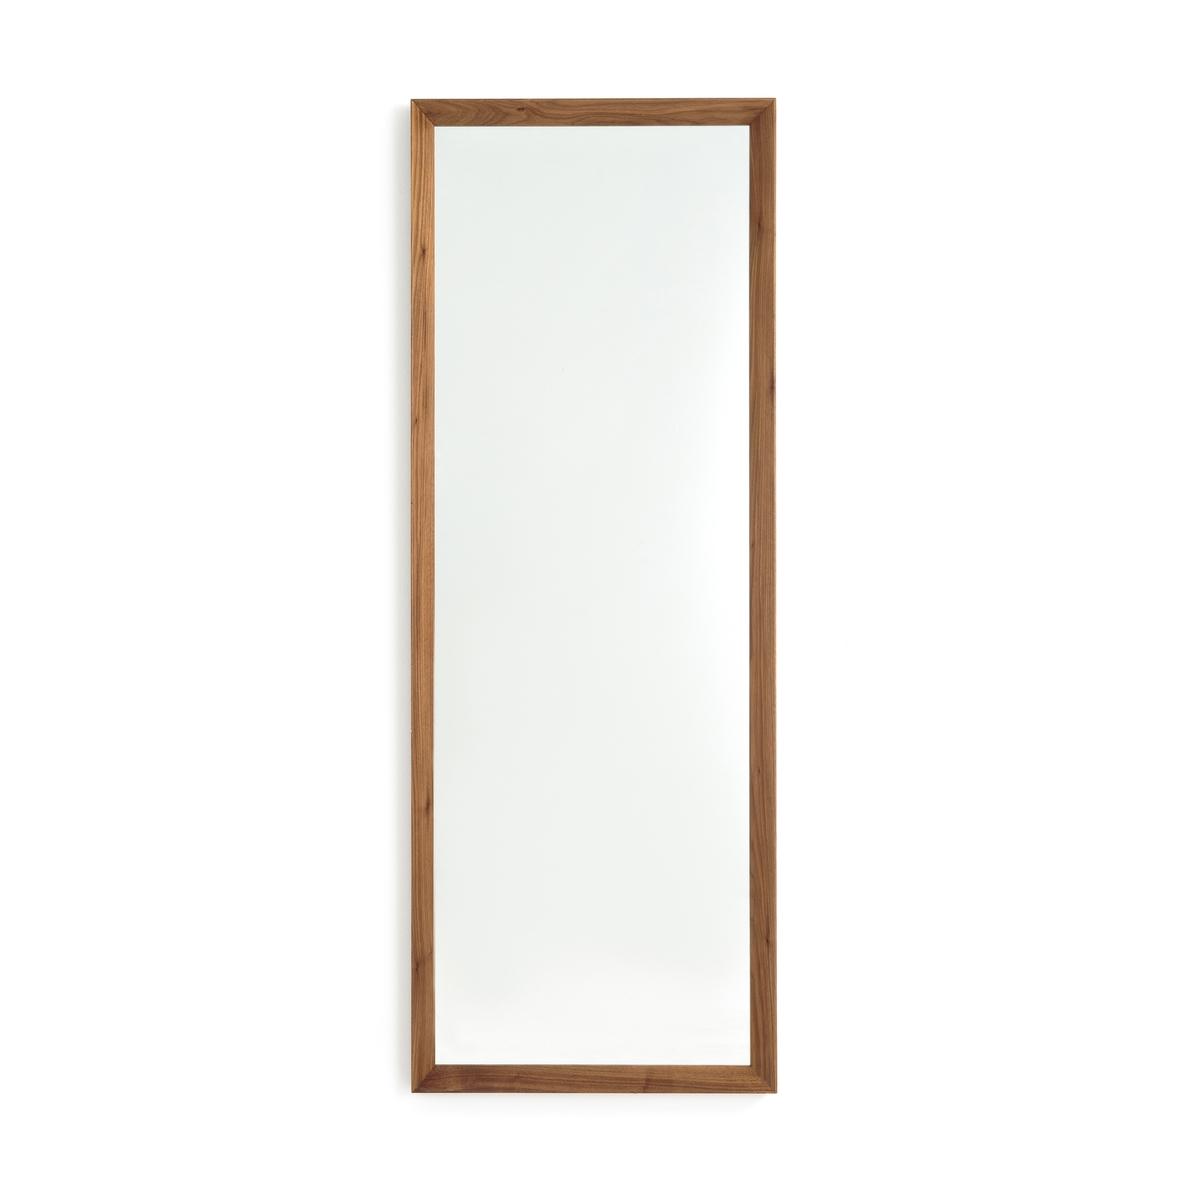 Фото - Зеркало LaRedoute В158 см Andromde единый размер каштановый зеркало психея la redoute с рамкой из массива орехового дерева zindlo единый размер каштановый